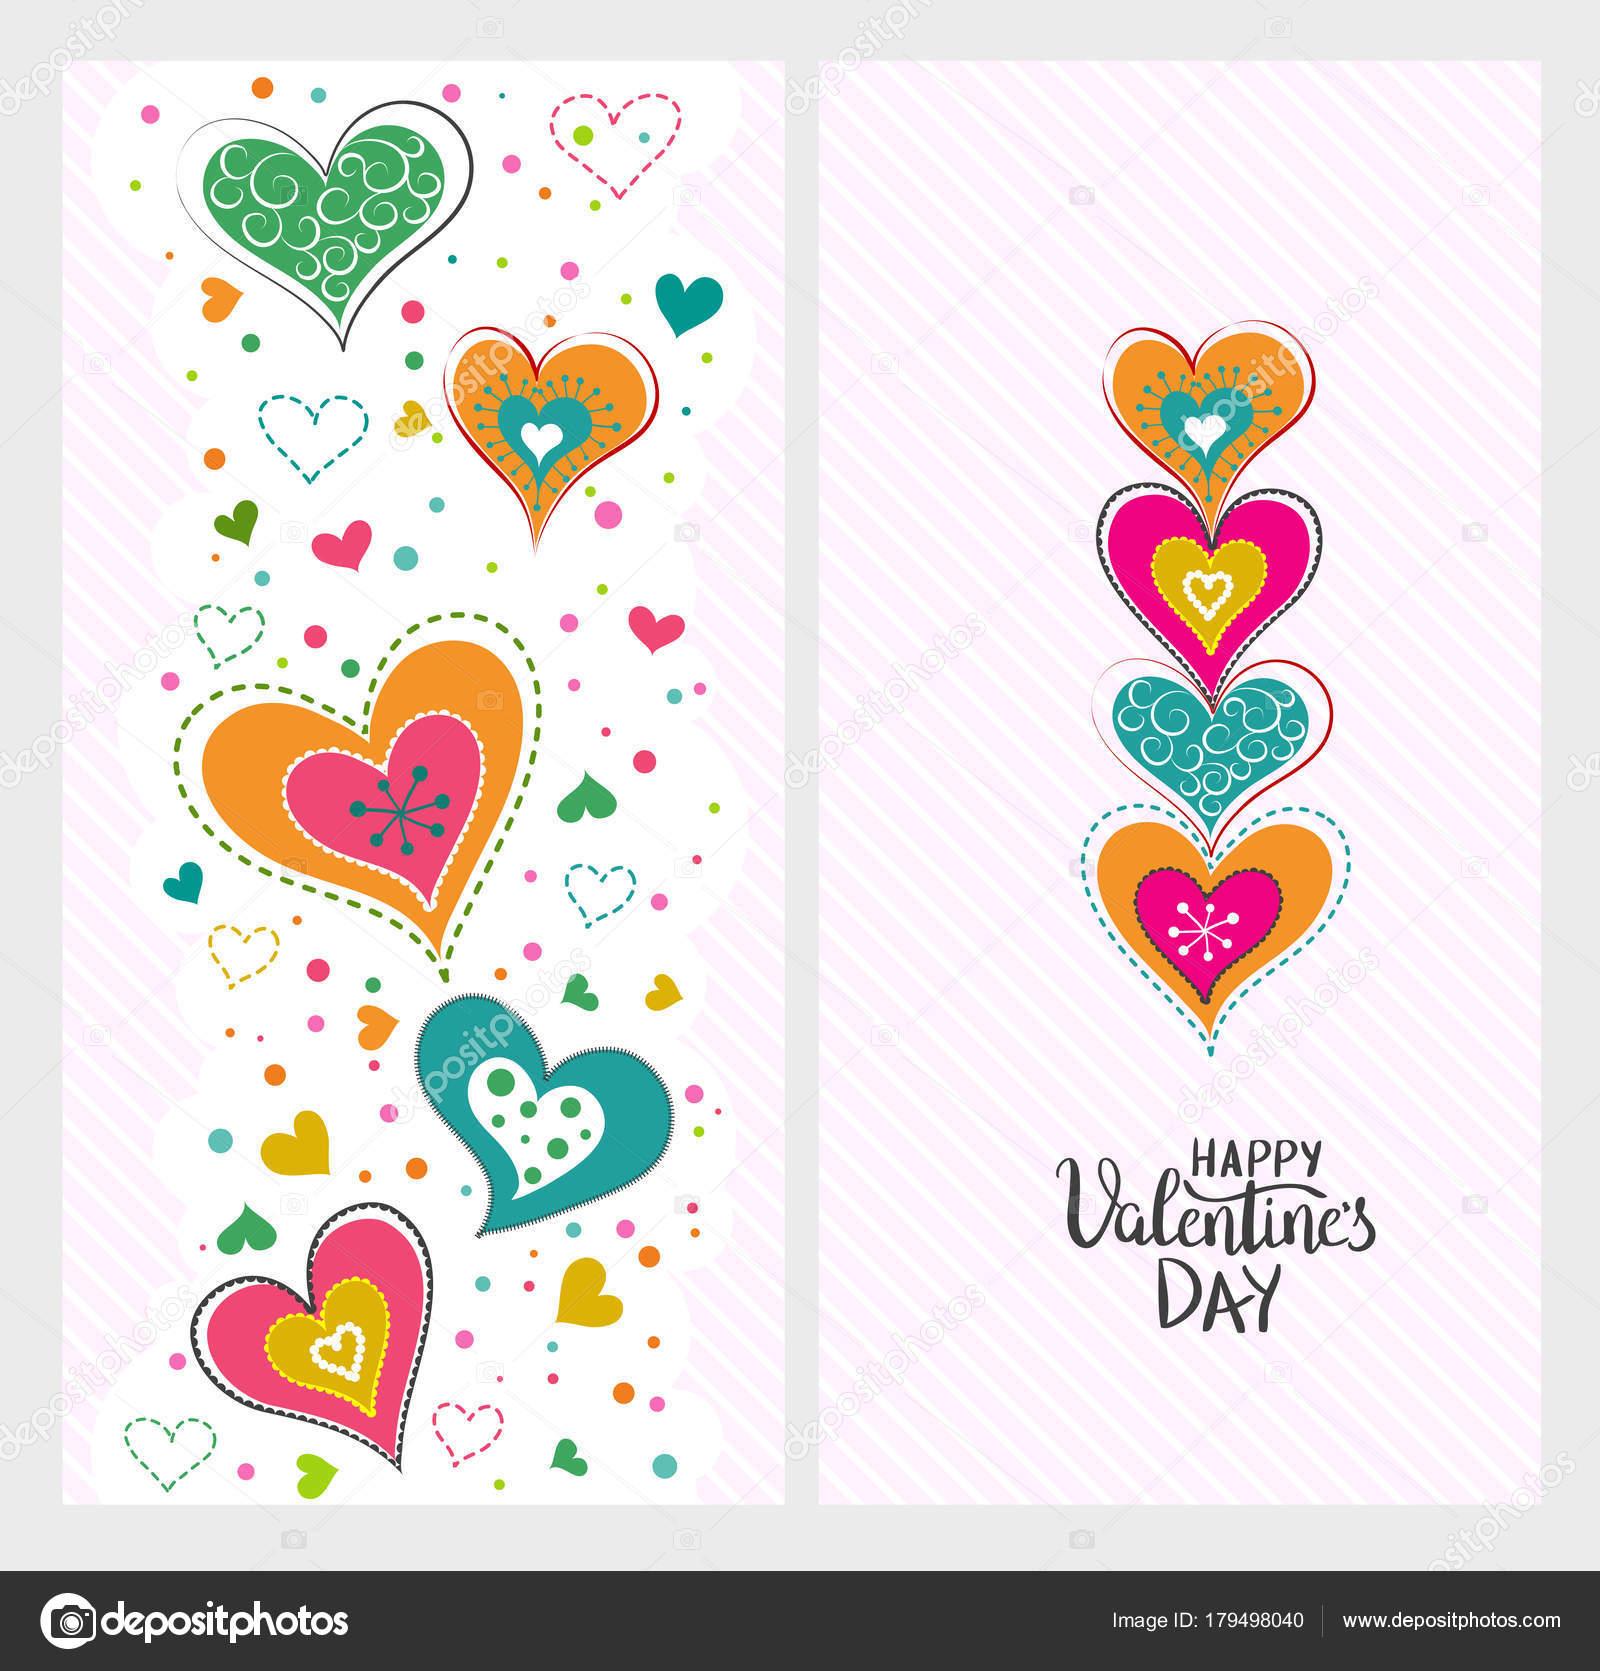 Happy Valentines Day Vorlage für Poster oder Banner. Urlaub lett ...